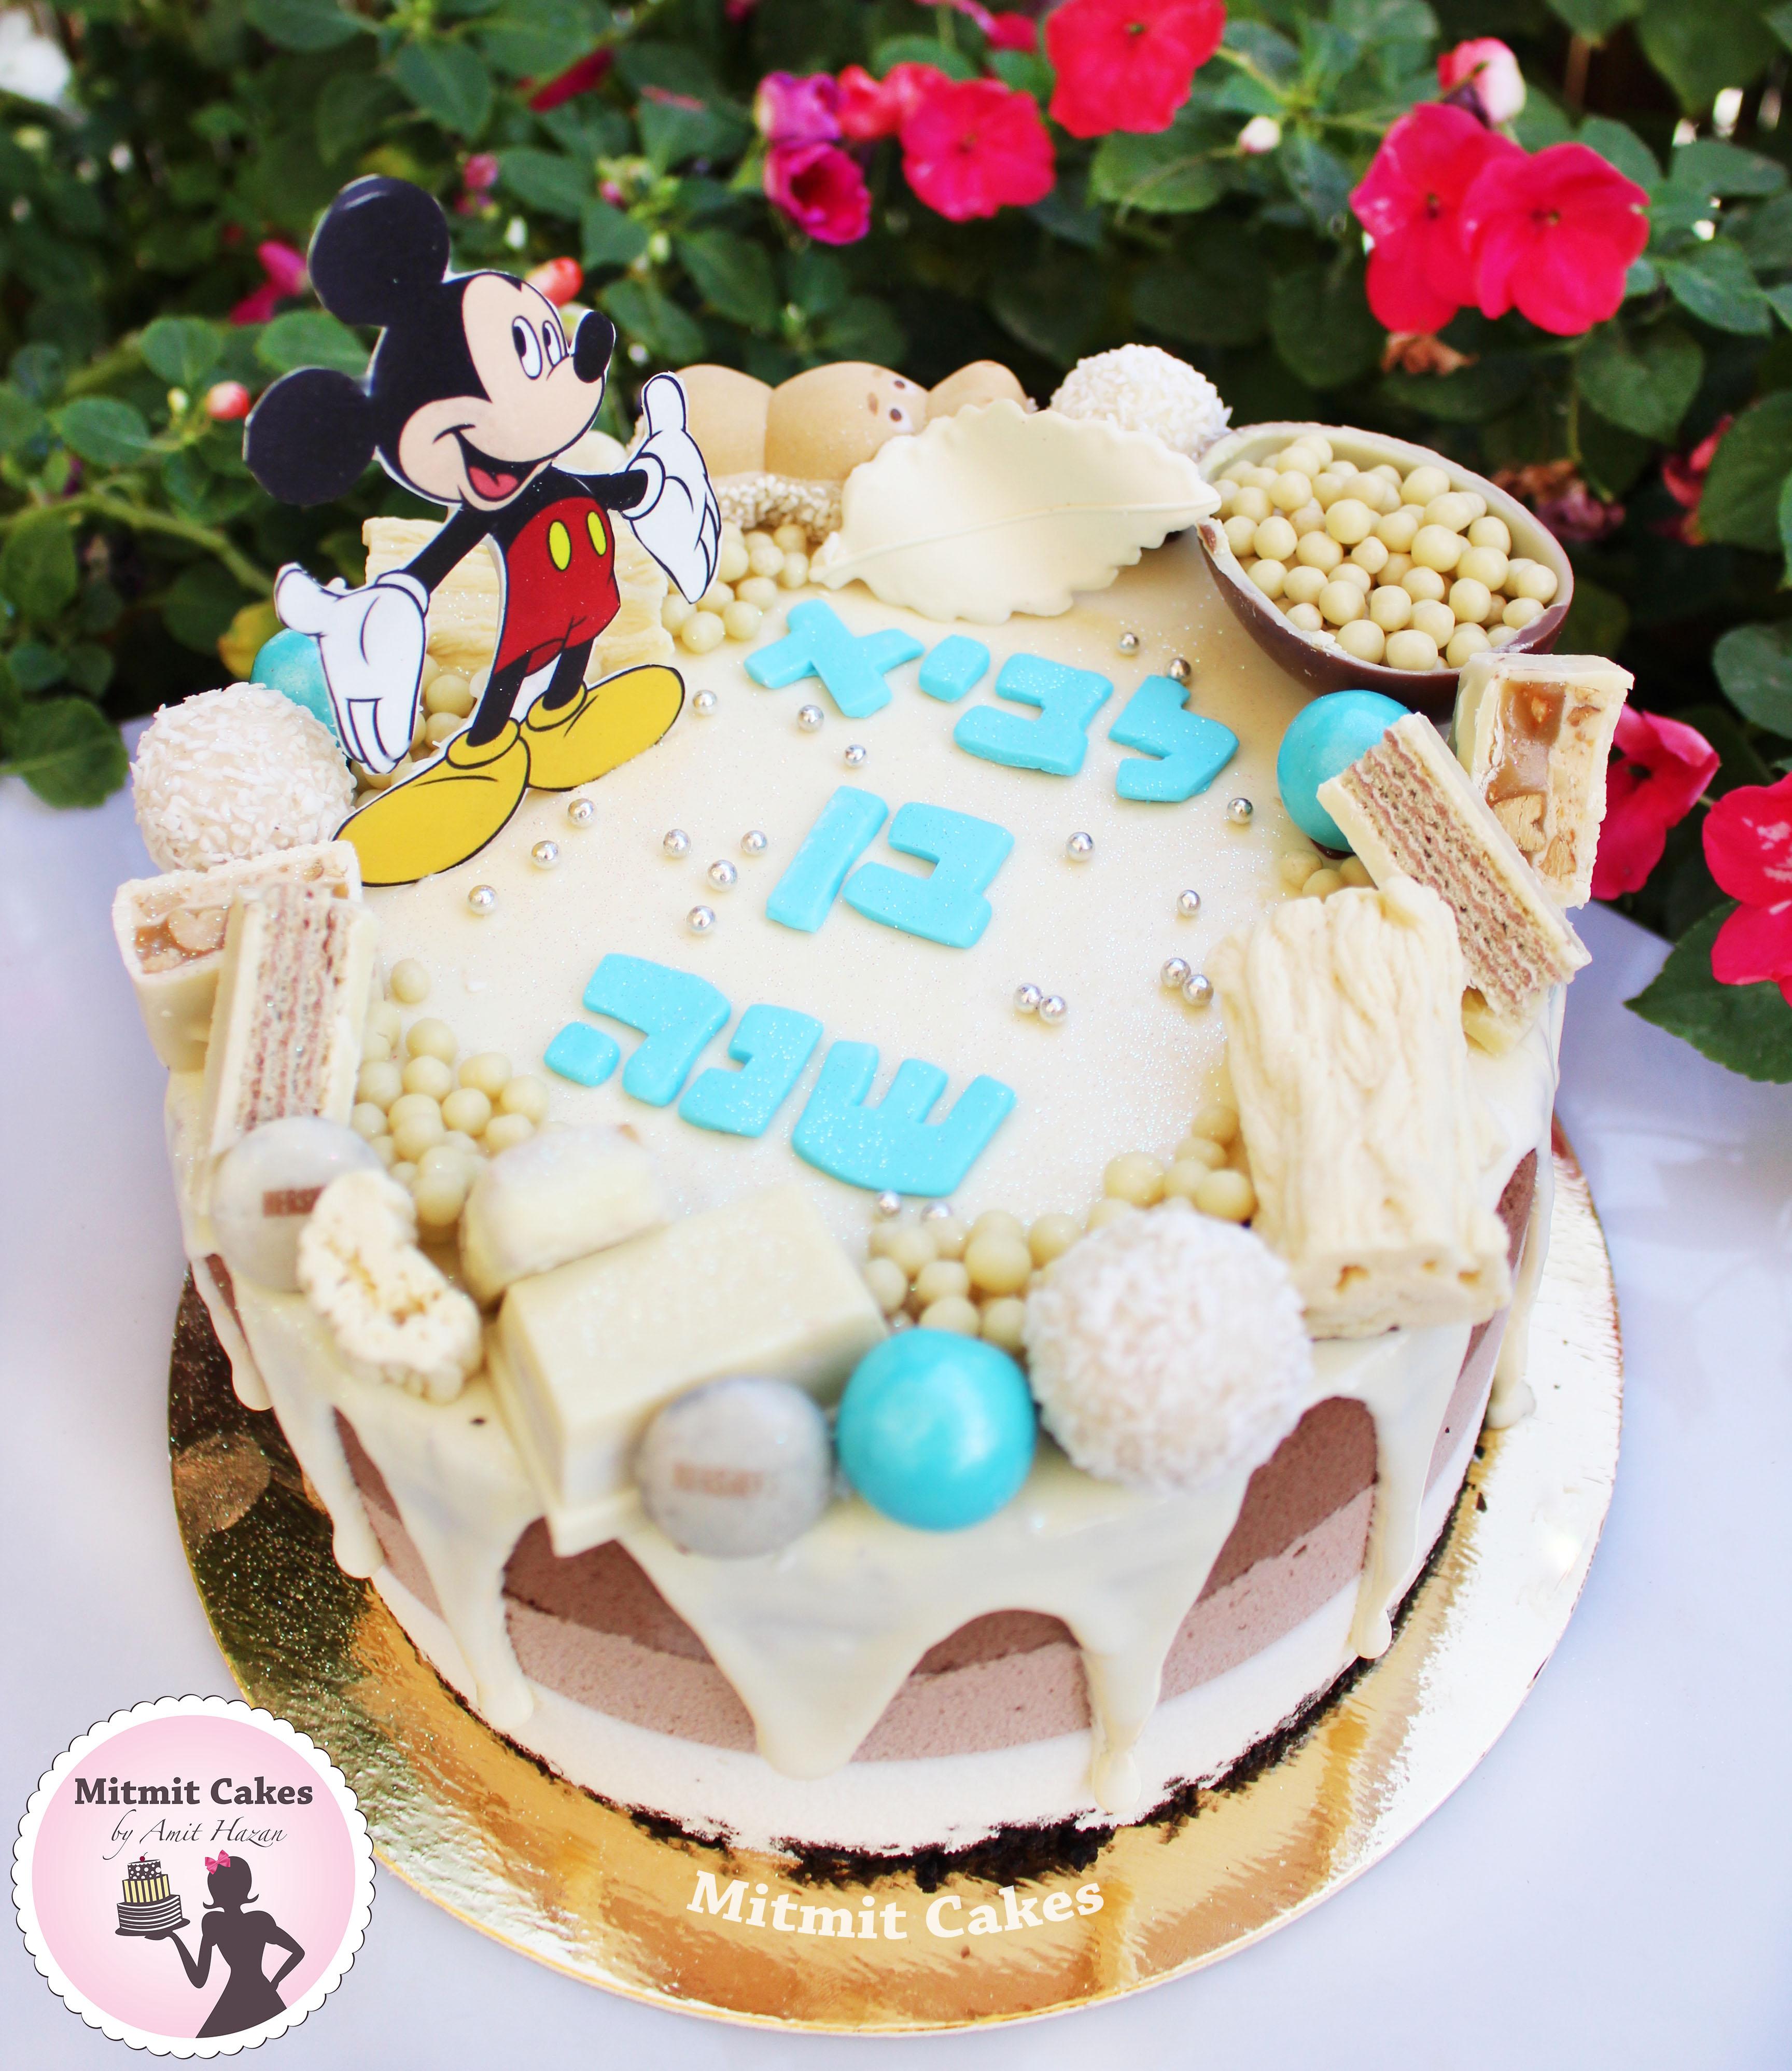 עוגת מוס מיקי מאוס